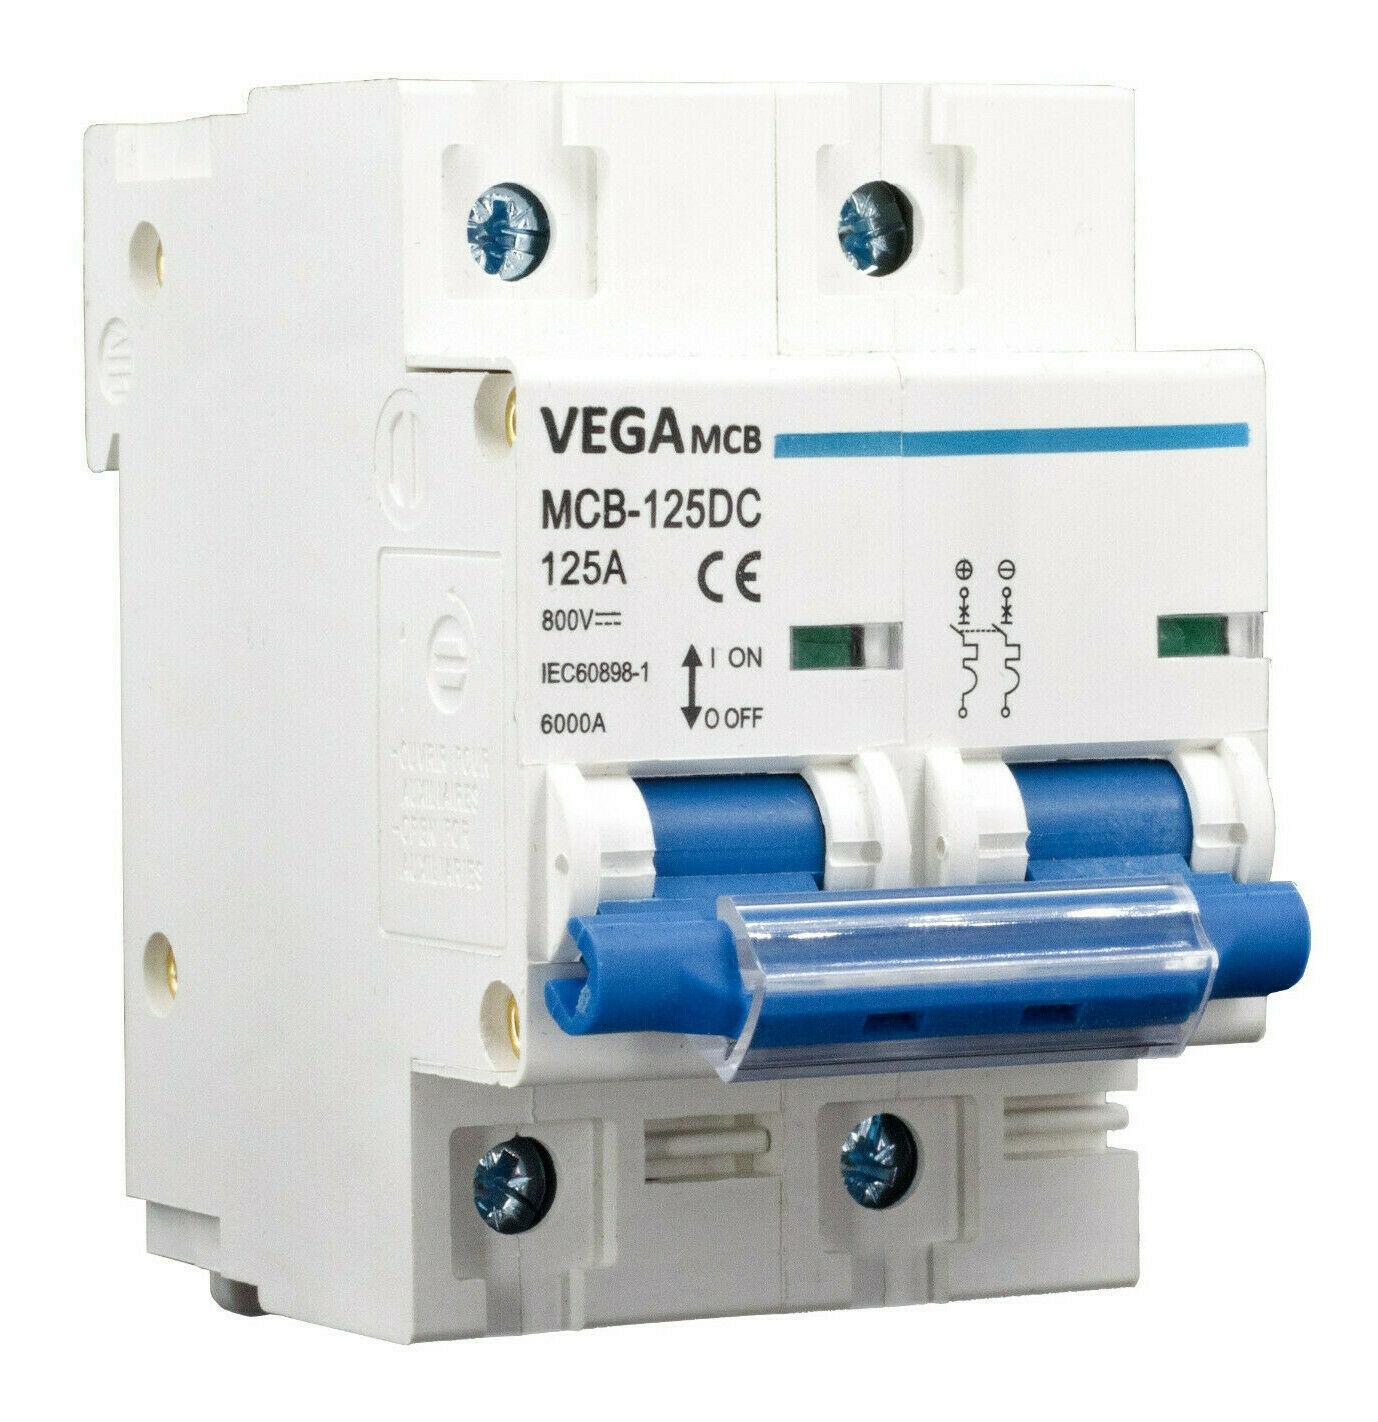 DC-Breaker / DC-Trennschalter VEGA MCB 125 - 800V 2P 125A